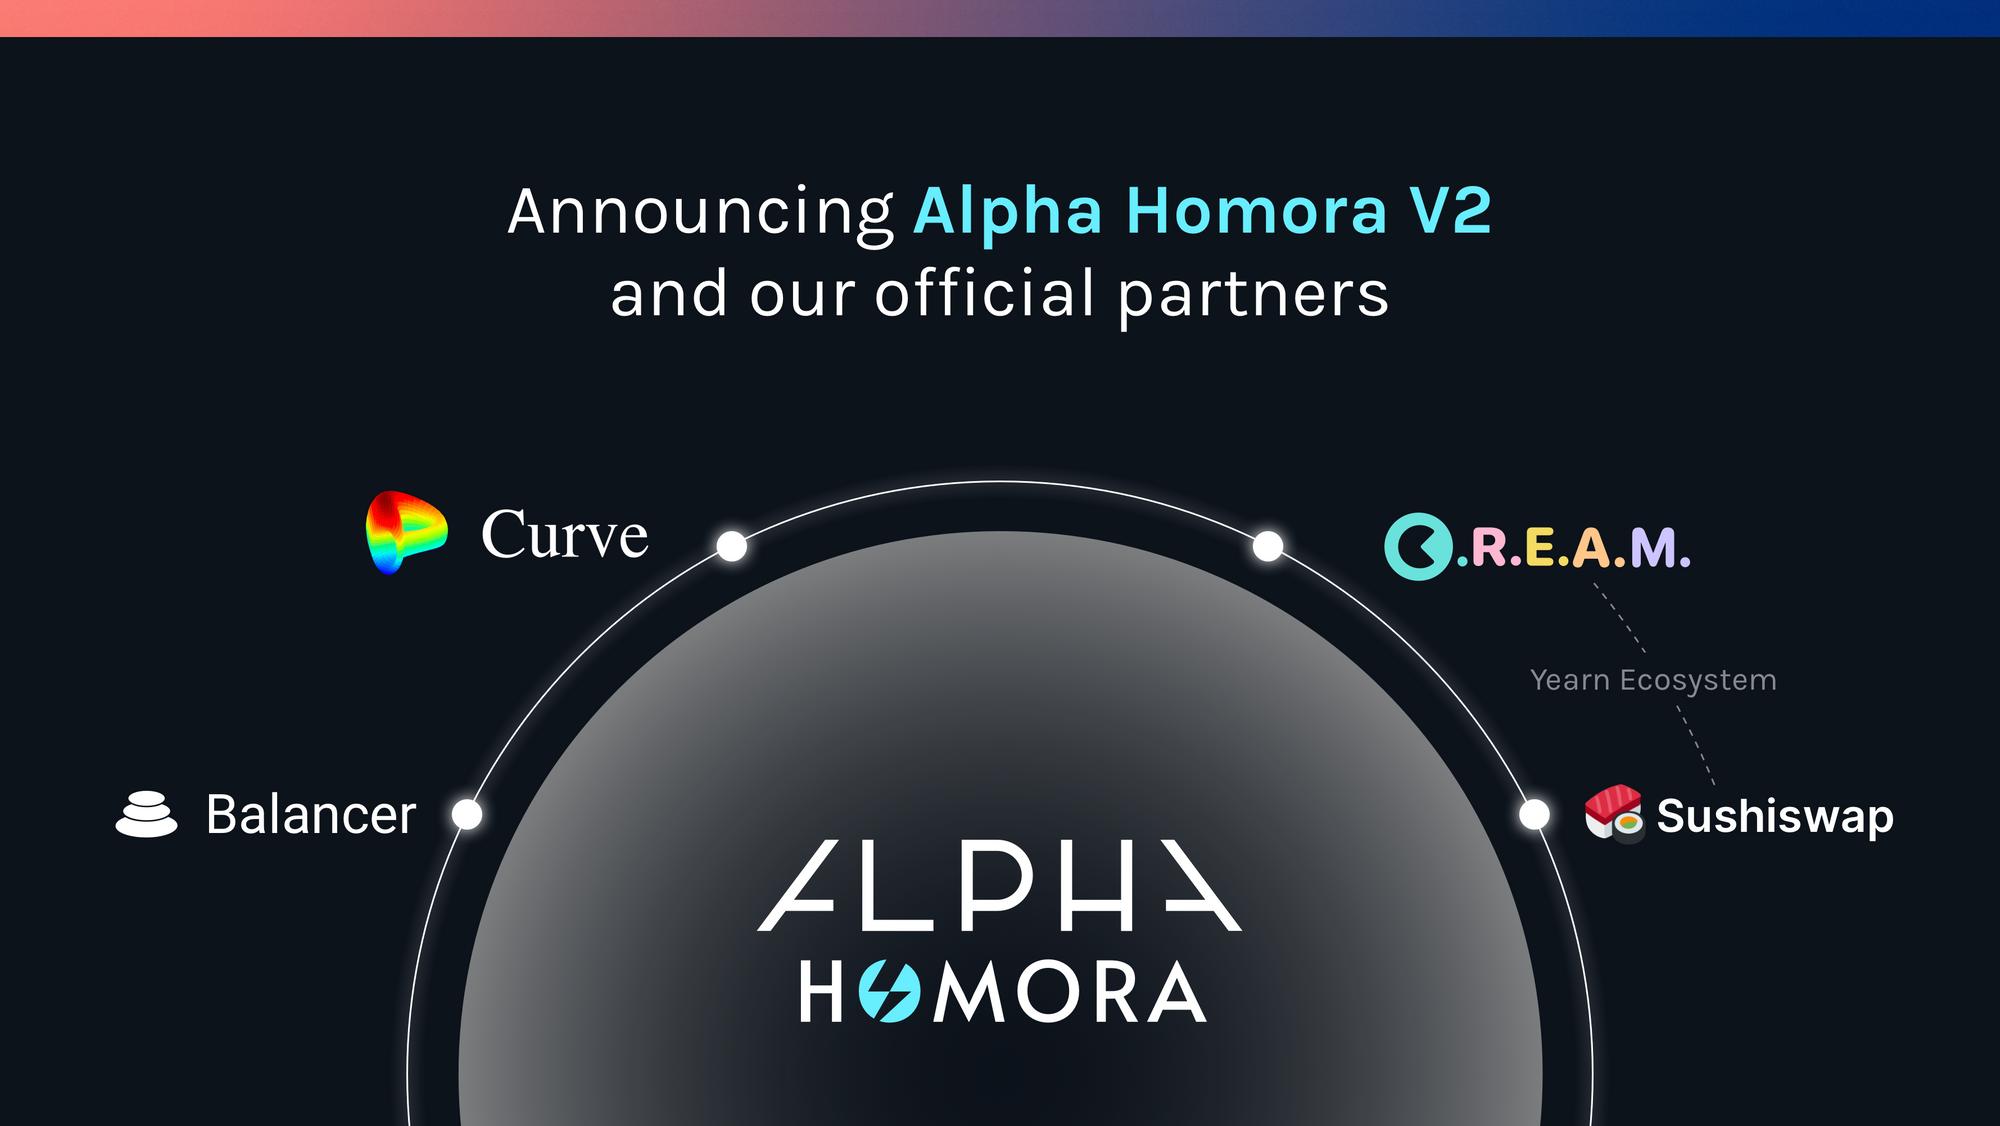 DeFi新玩法丨3分钟了解Alpha Homora V2